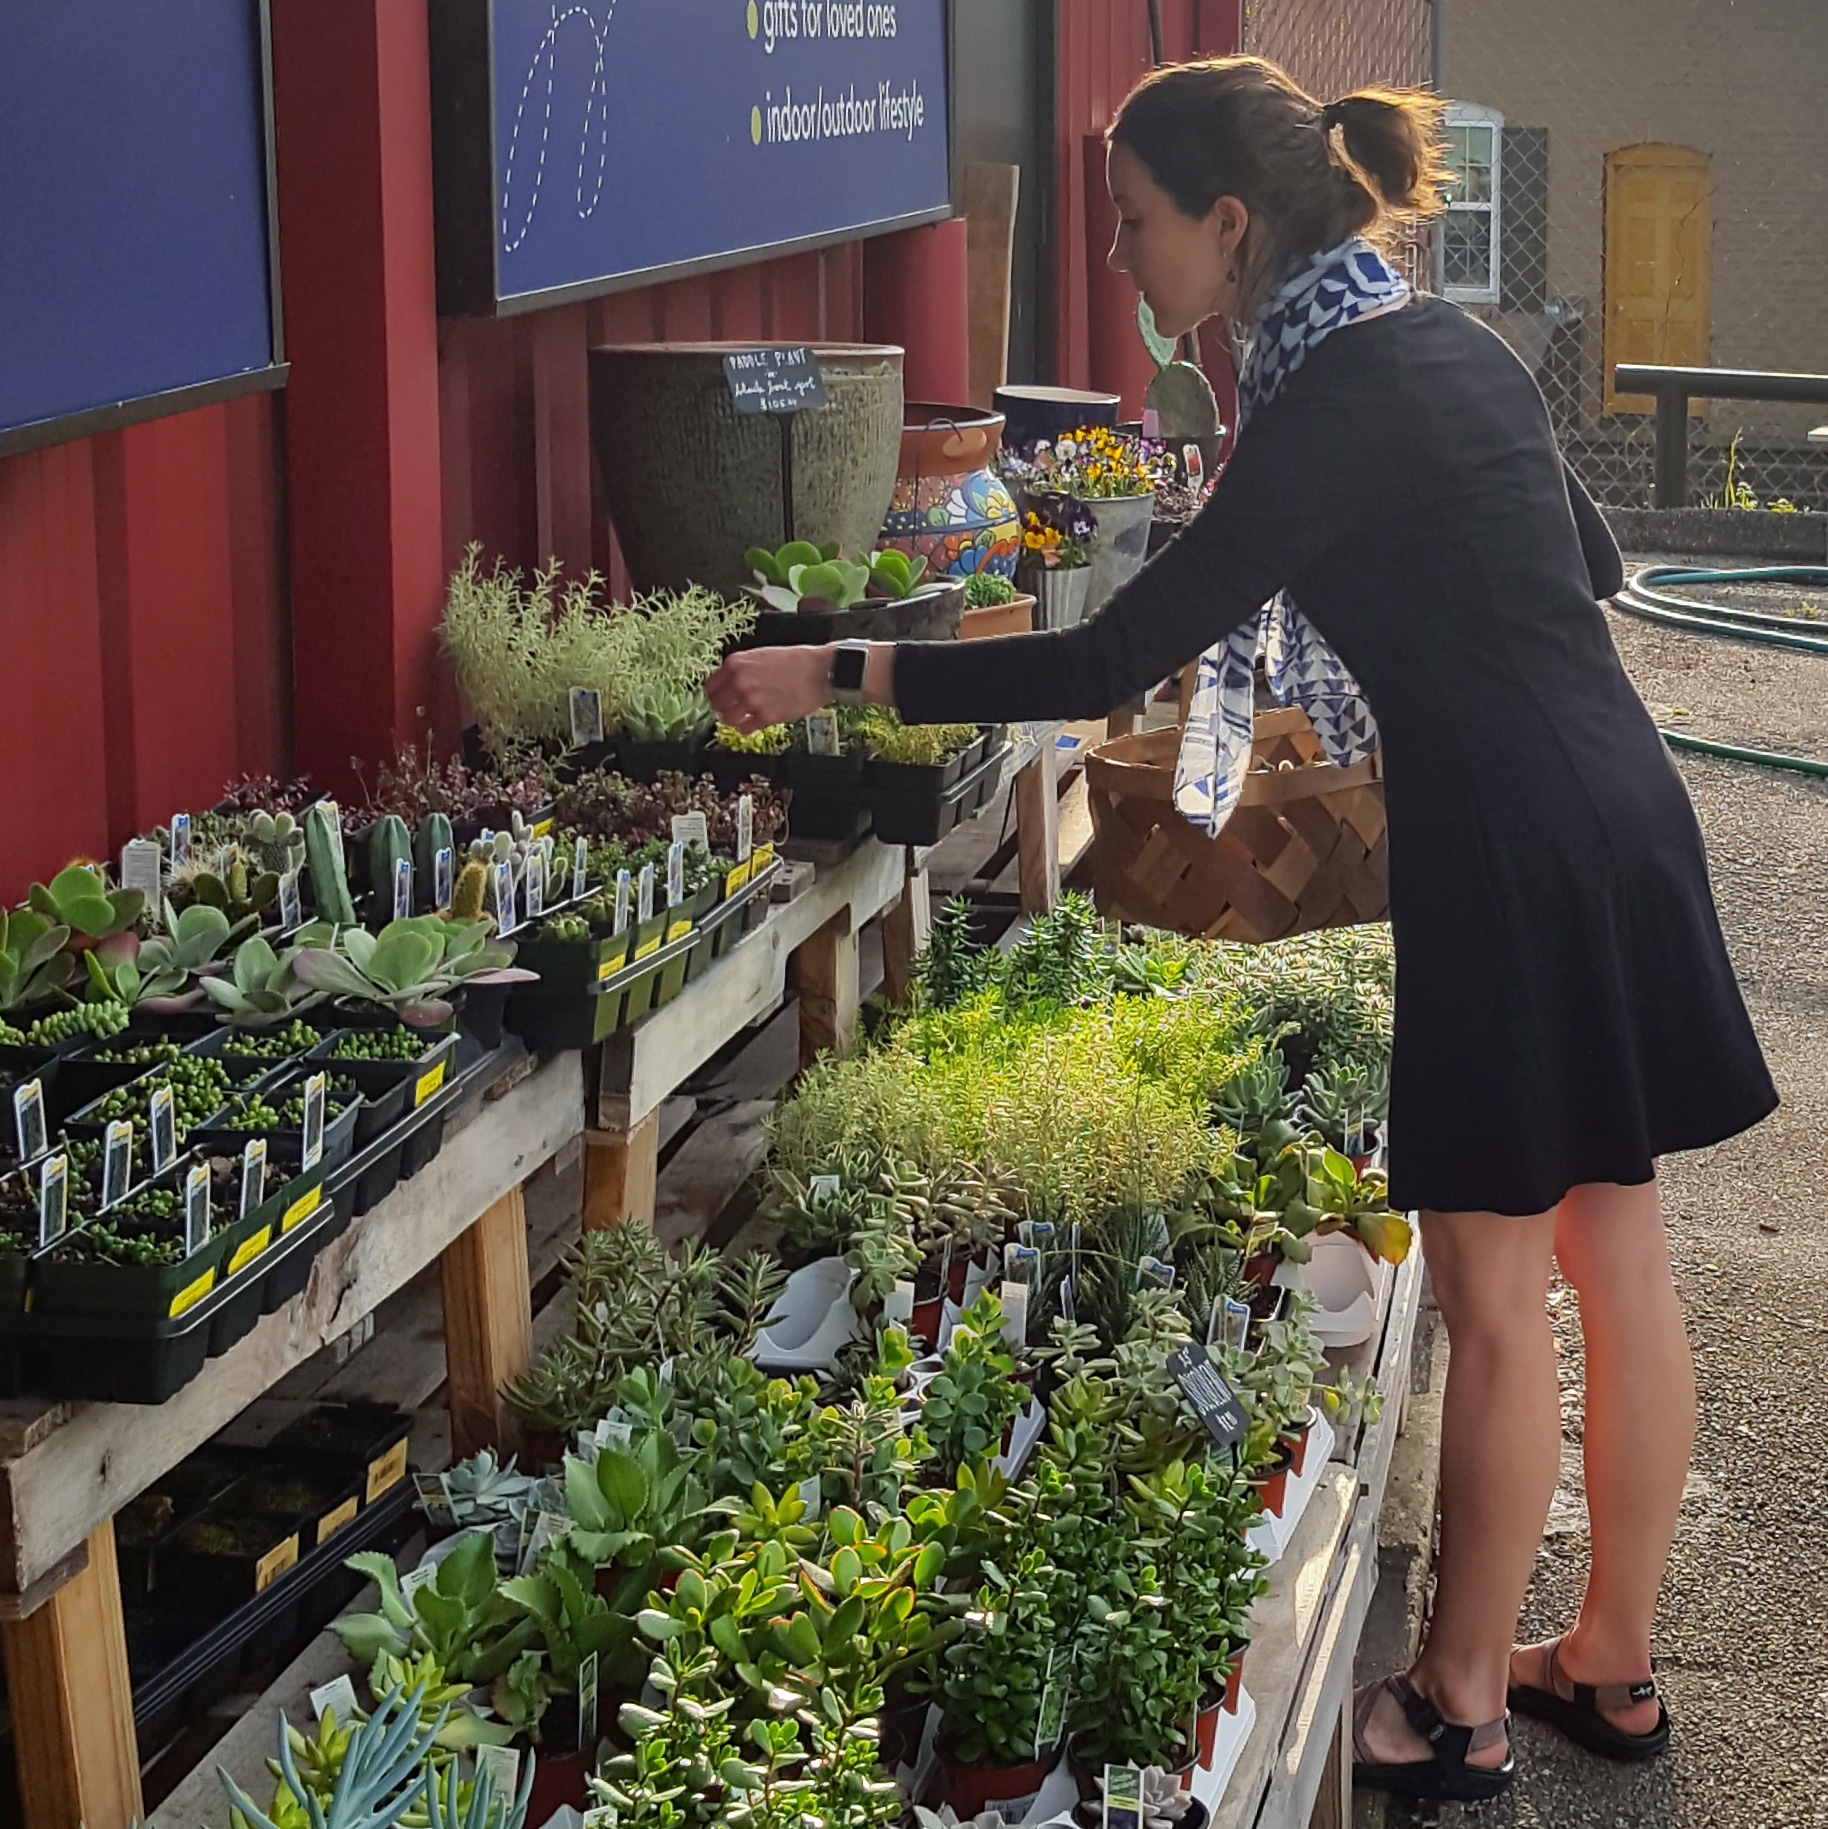 Succulents, succulent plants, plants, Chattanooga plants, Chattanooga garden center, container gardening, gardening, plant pot, planter.